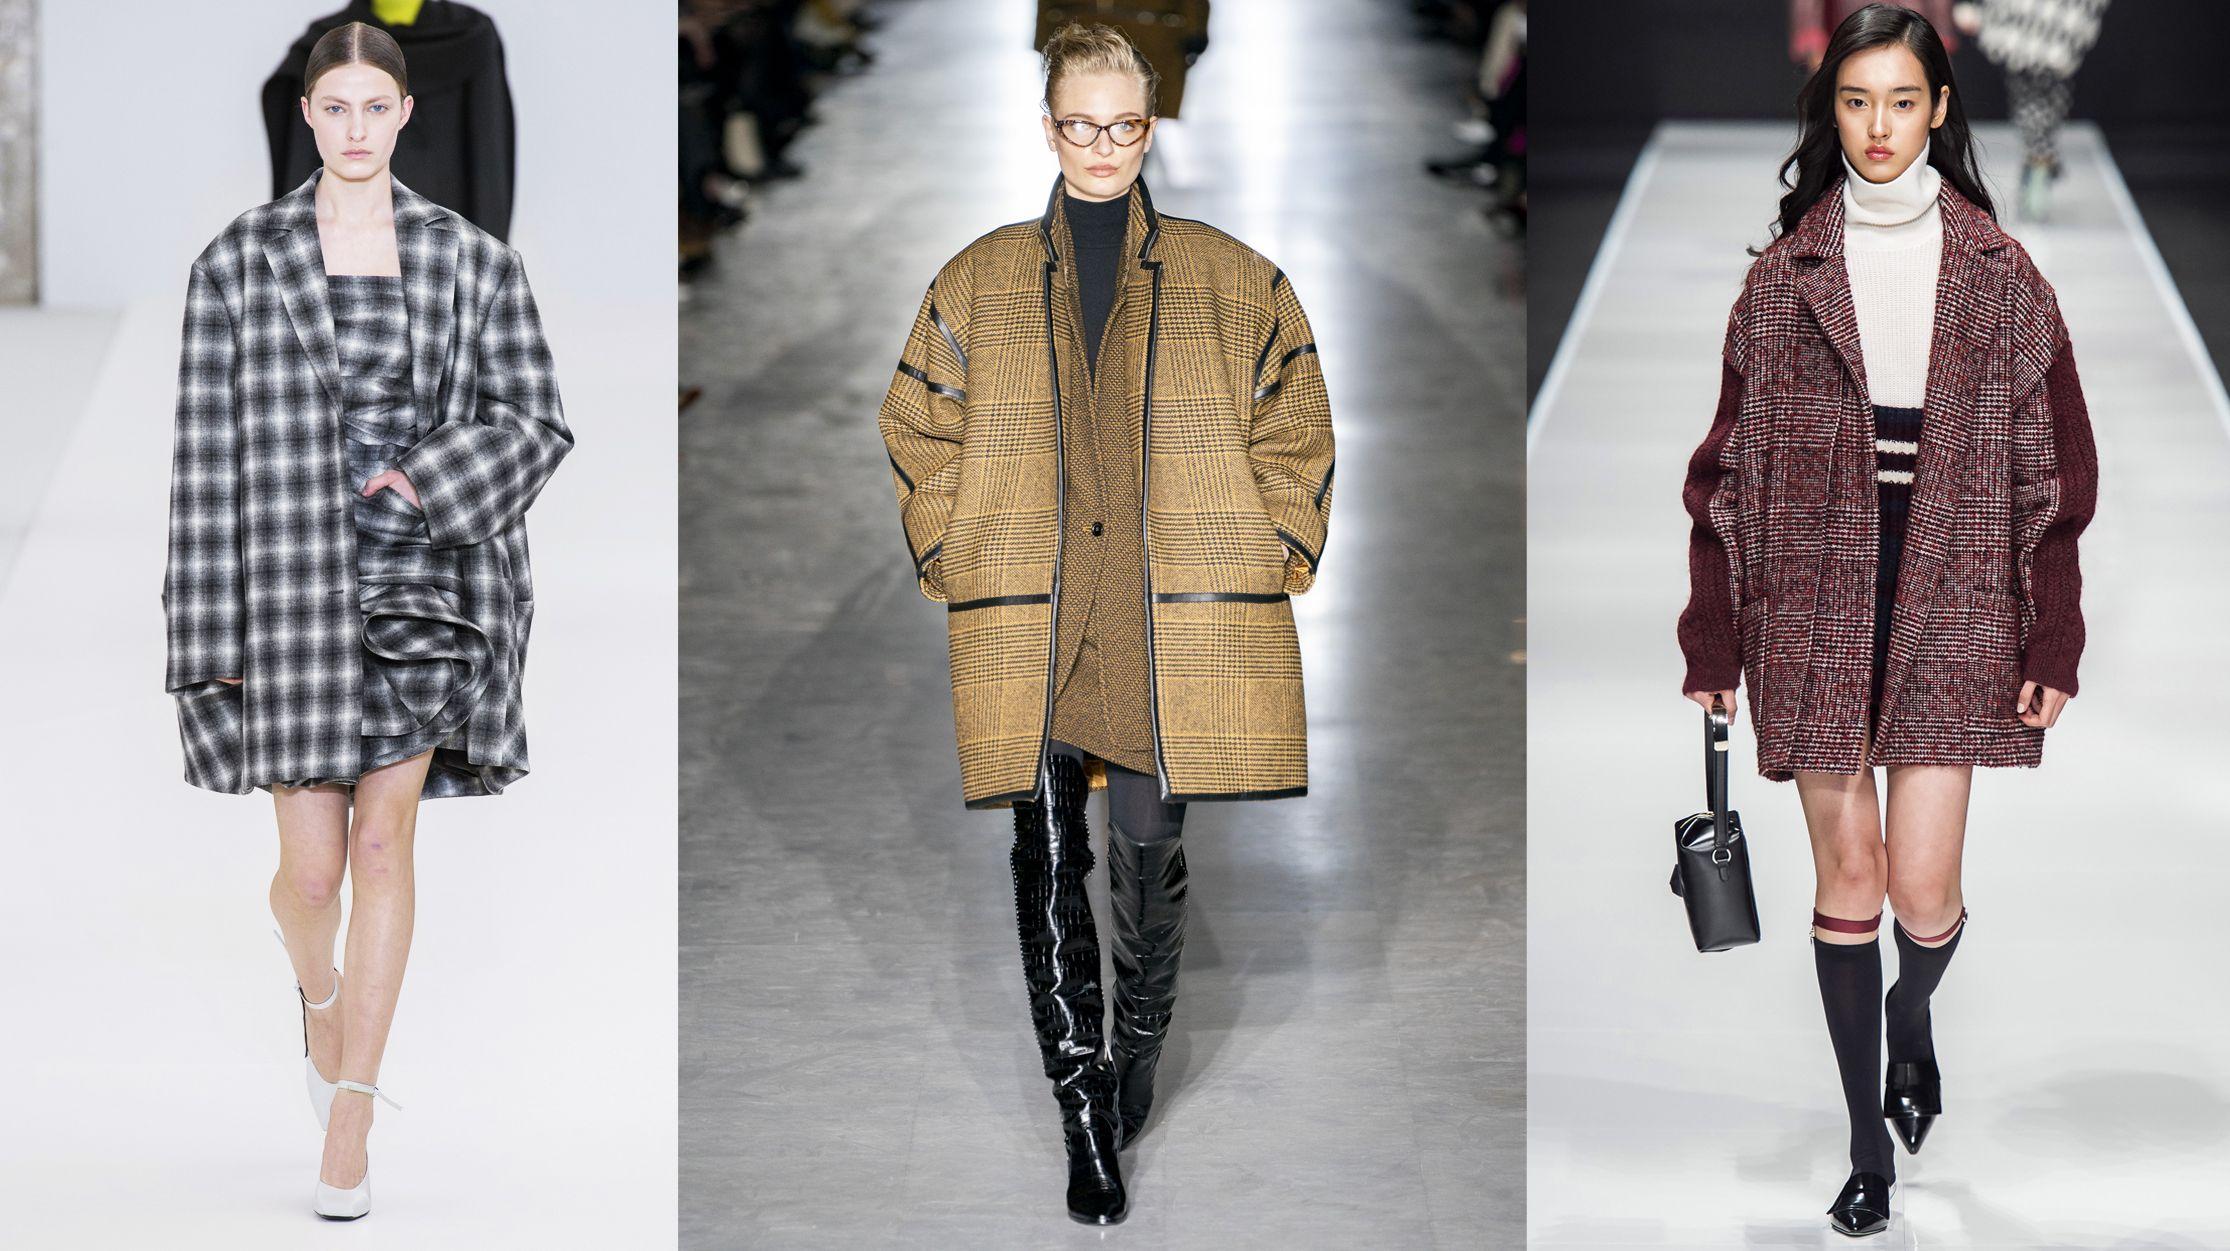 Moda autunno inverno 2019 2020, quale cappotto scegliere